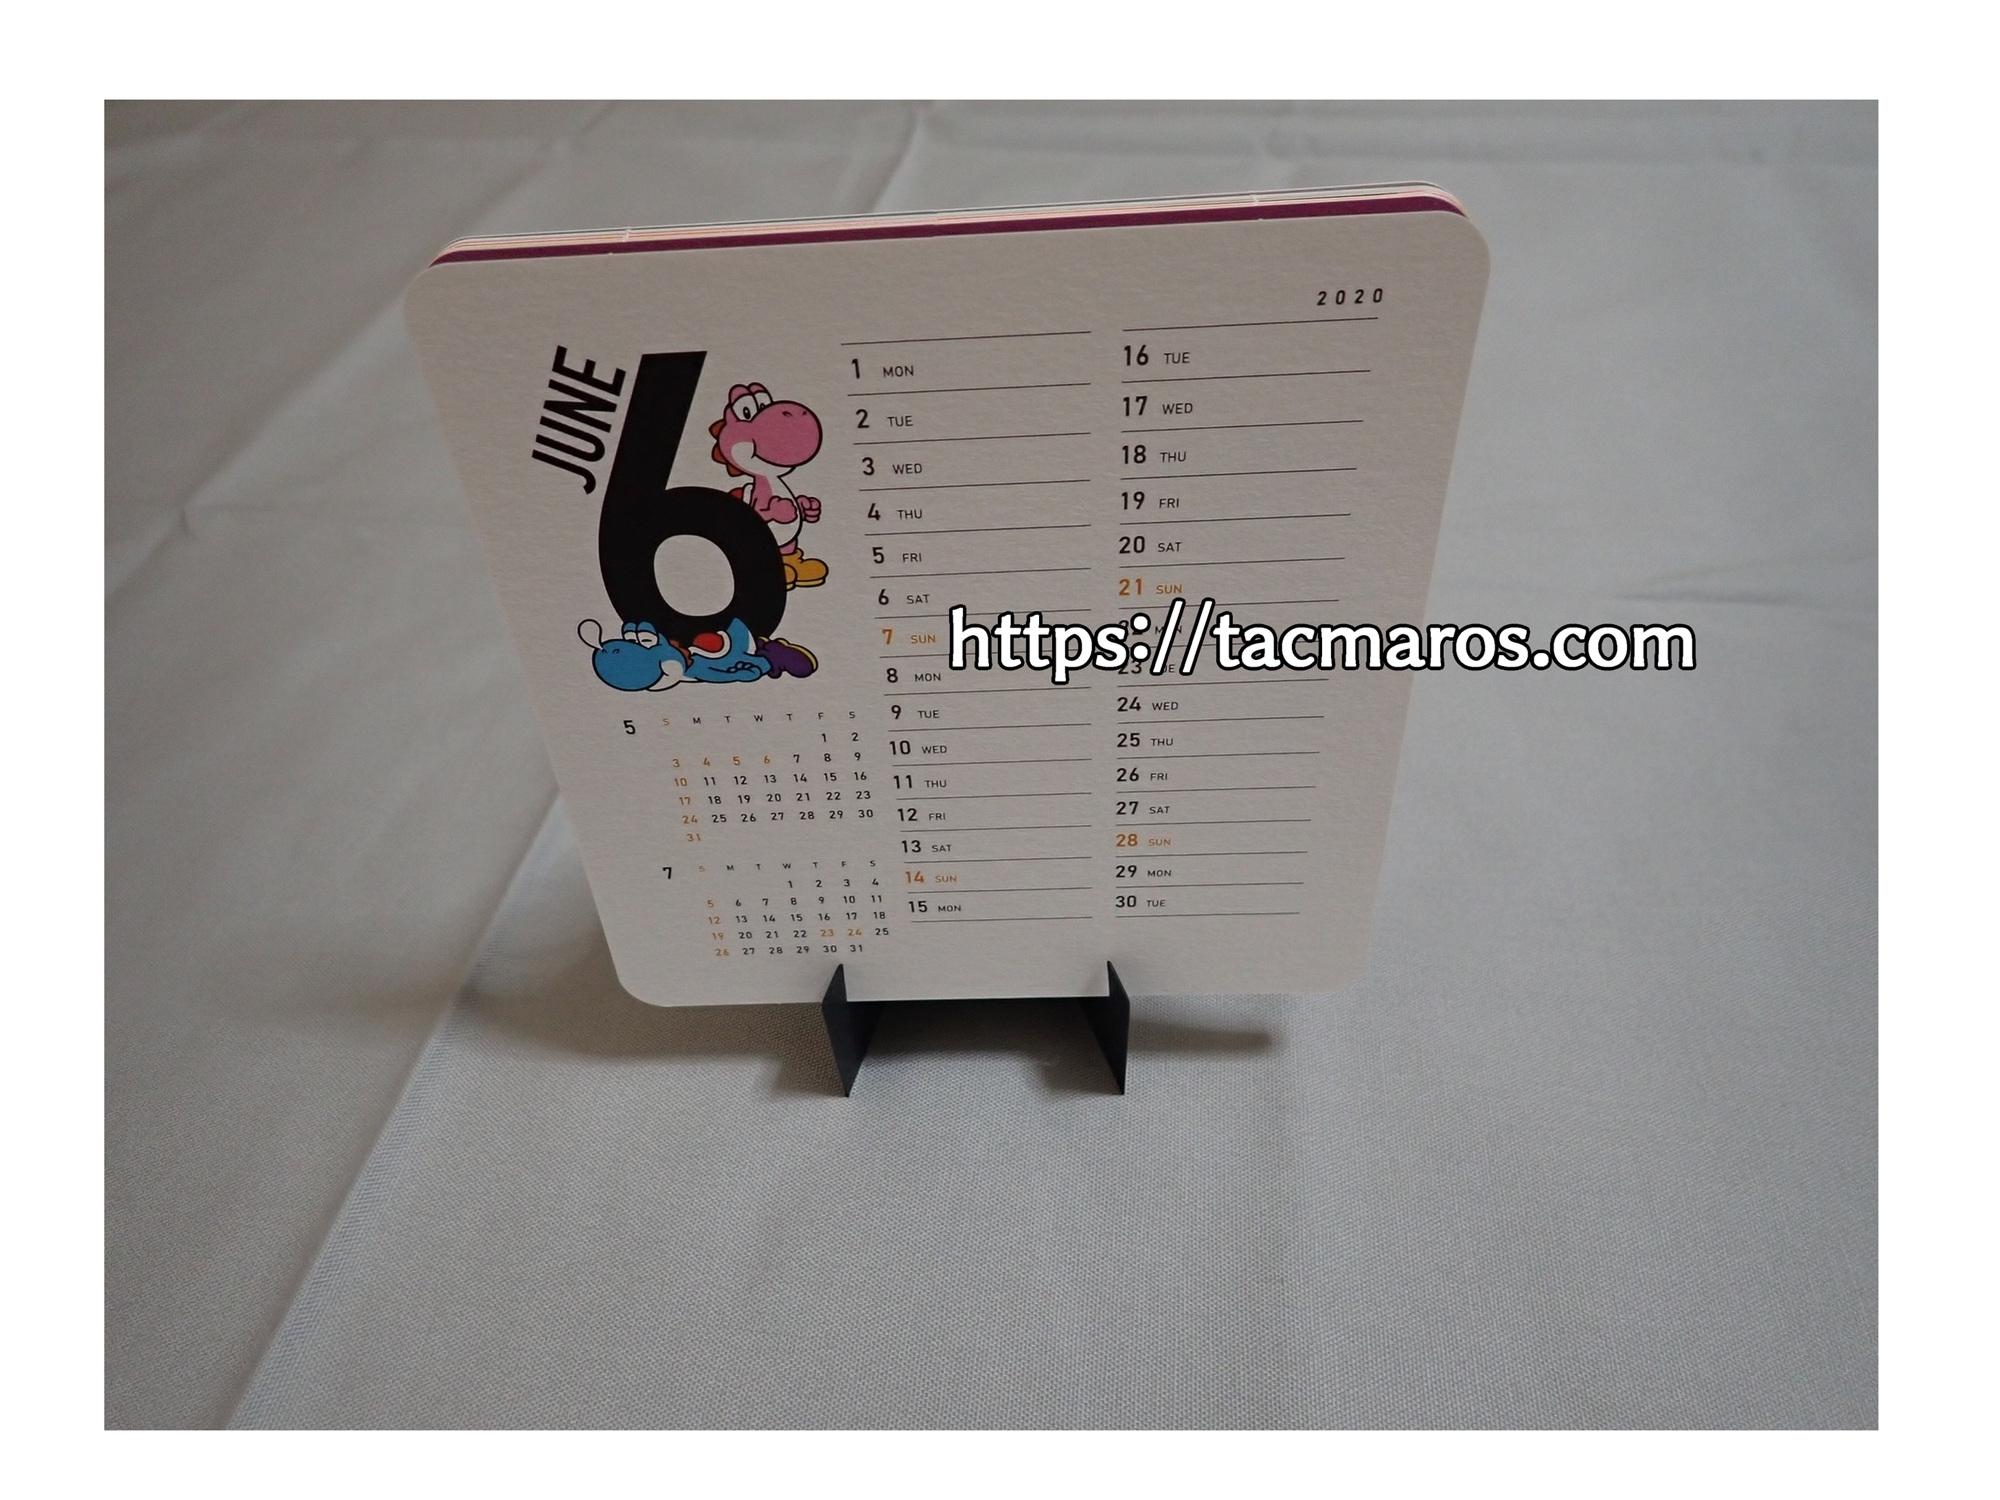 マイニンテンドープラチナポイント交換グッズ マイニンテンドーオリジナルカレンダー2020 裏面も使用できます